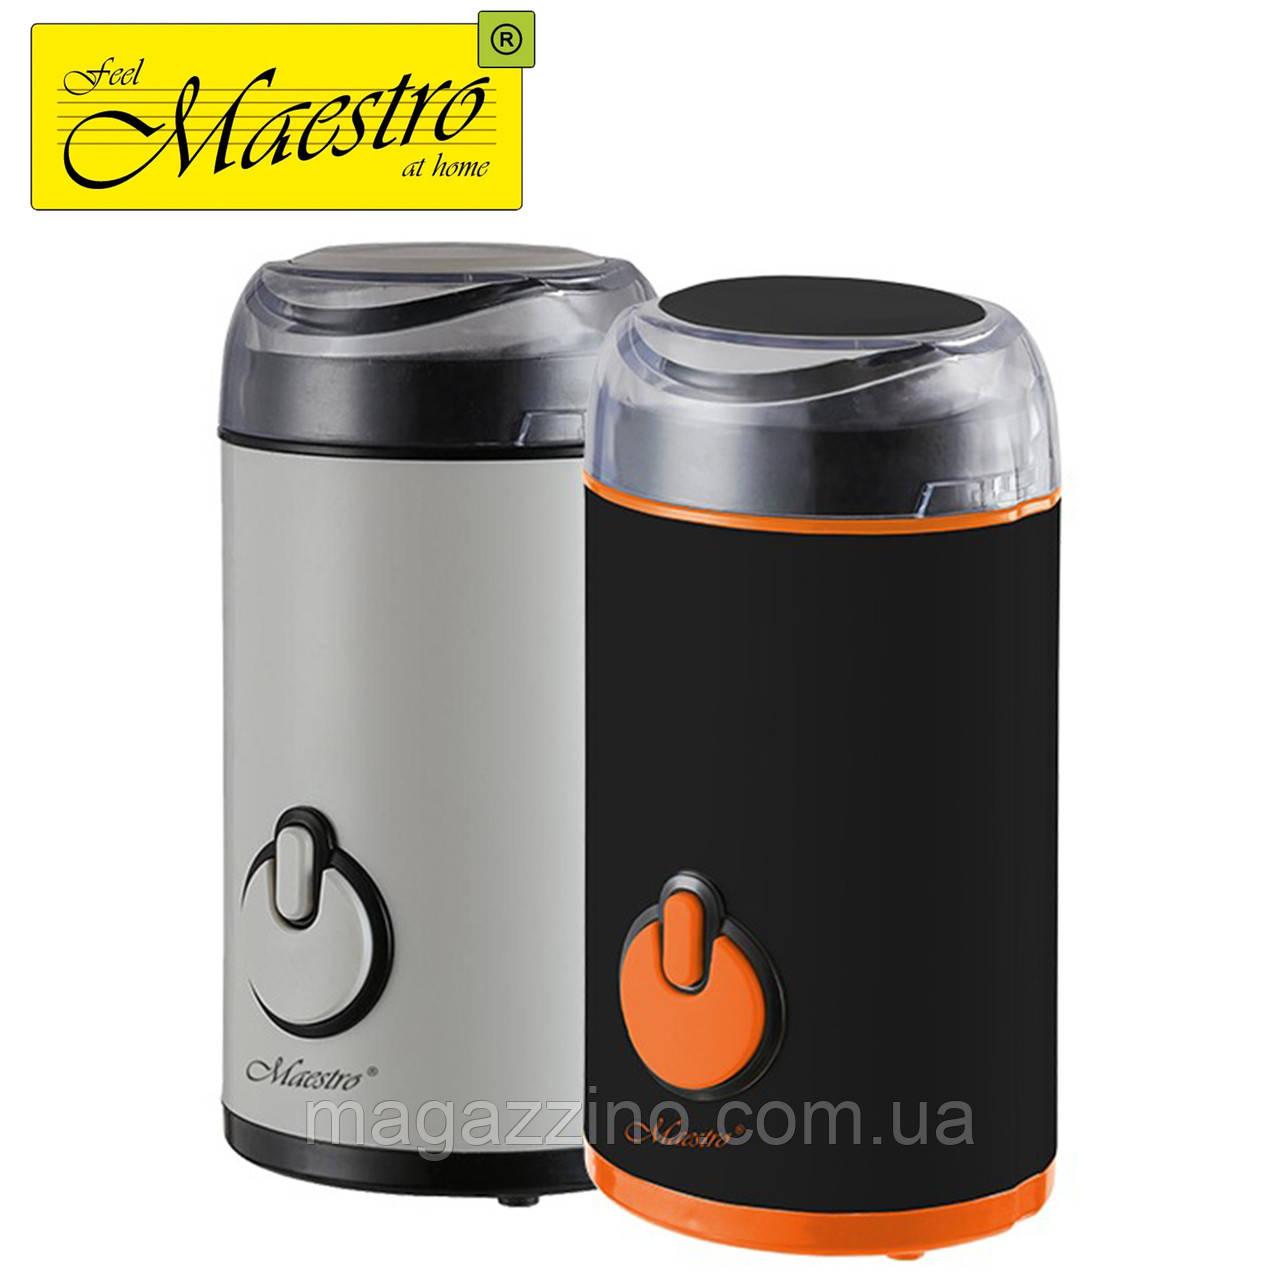 Кофемолка Maestro MR-452, 180 Вт. Объем 50 г.